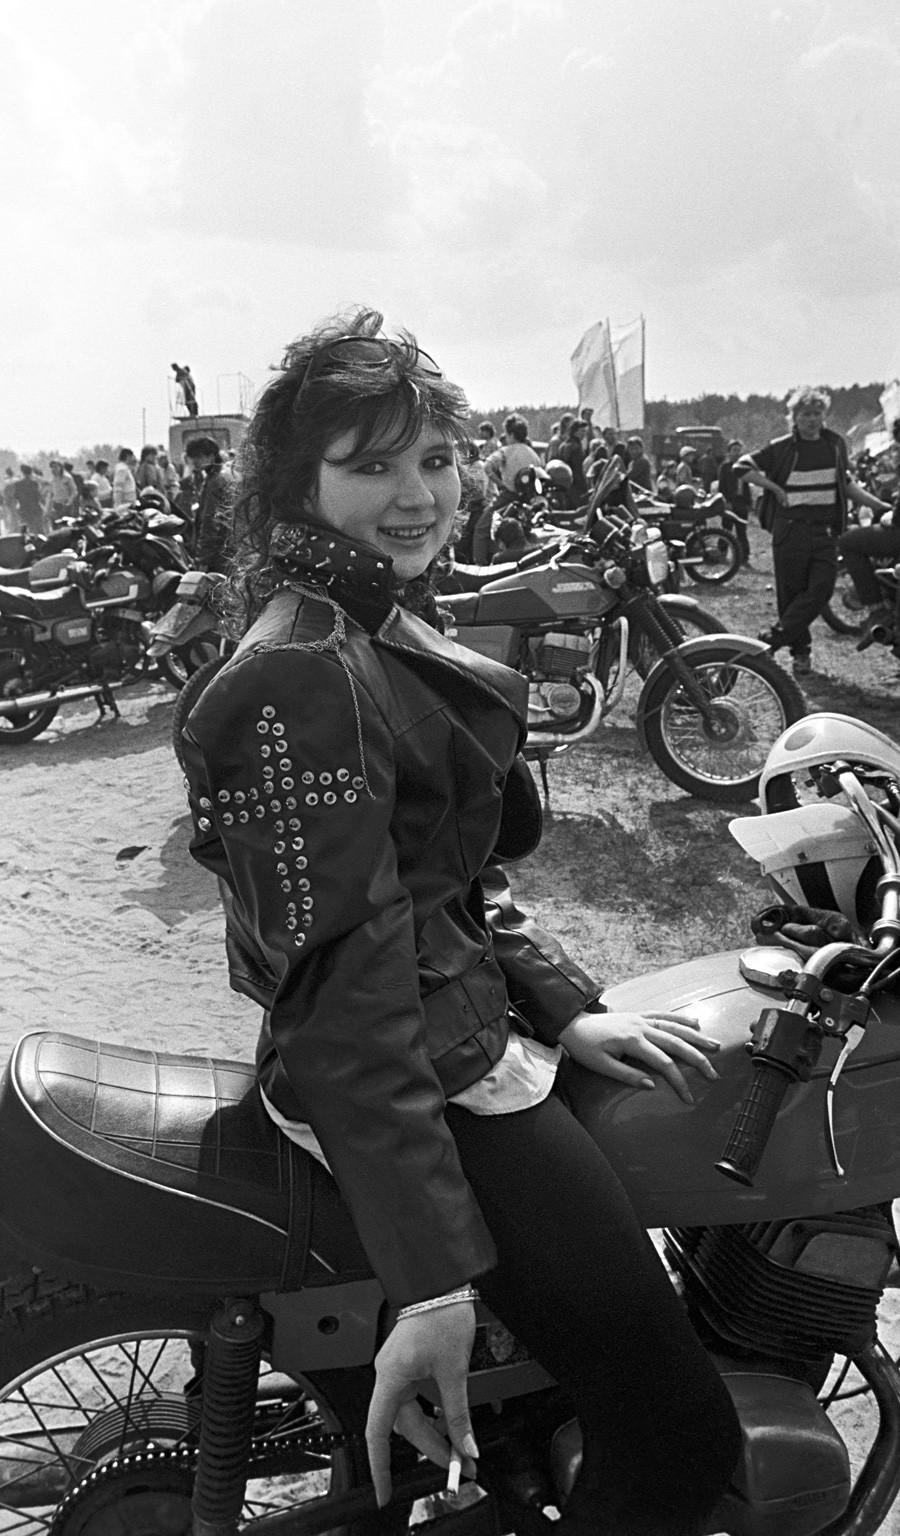 バイクに乗っている女性バイカー。